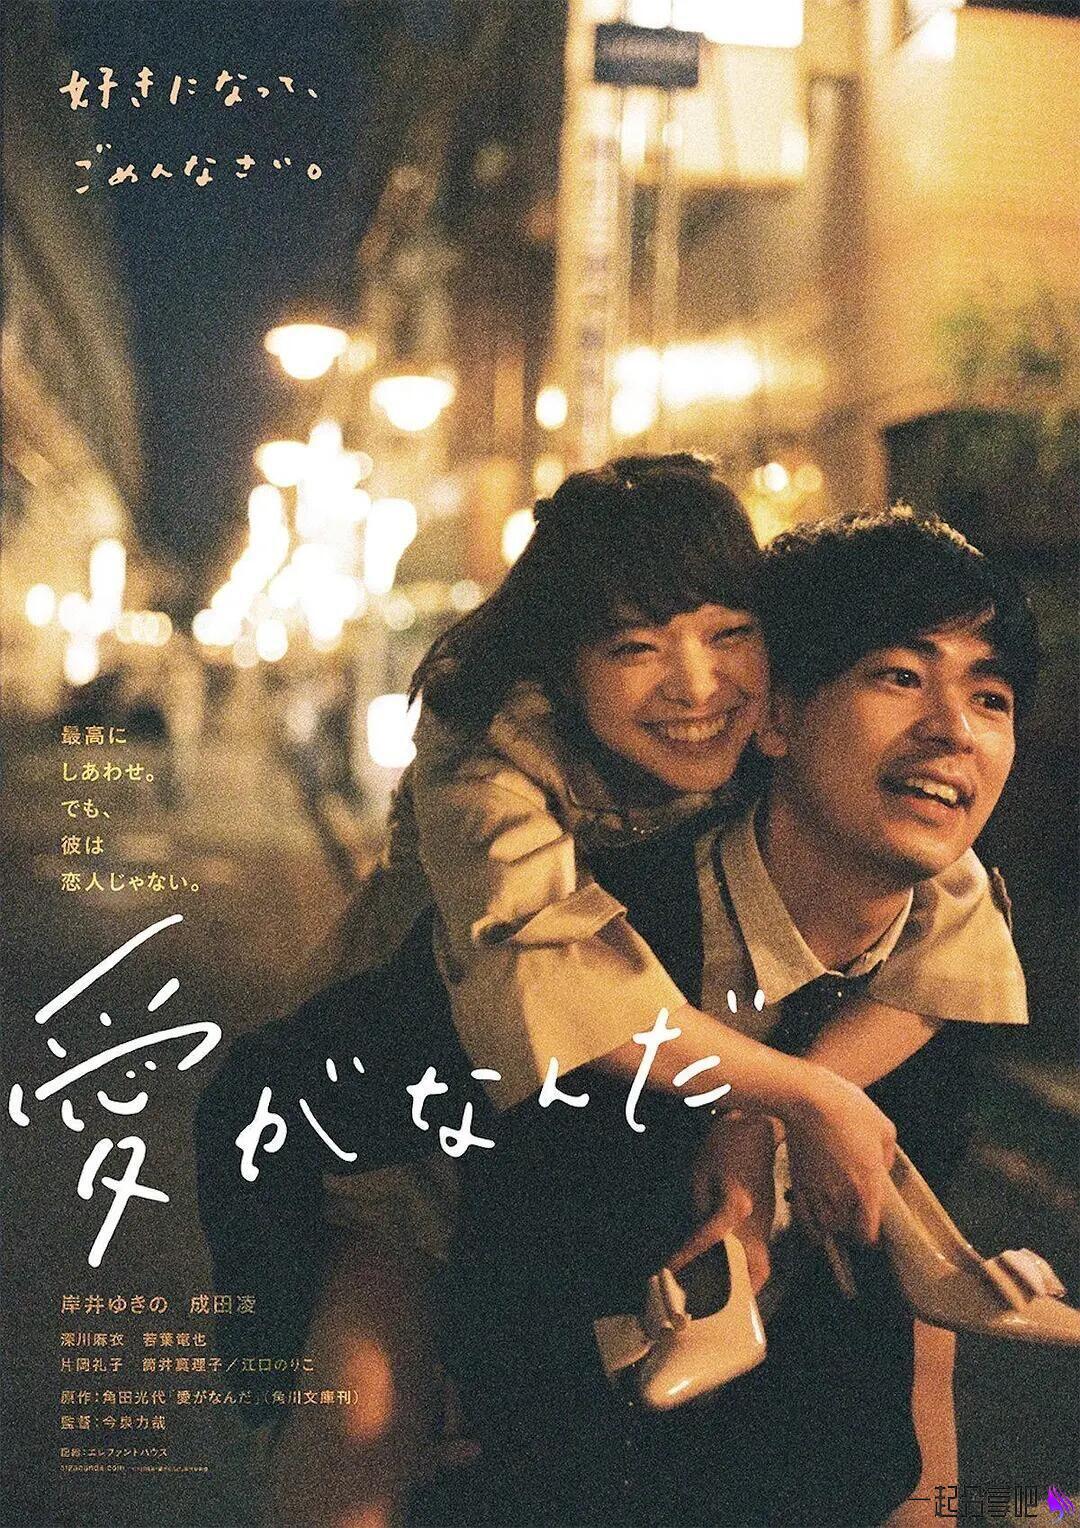 2018年日本电影《爱情是什么》HD1080p蓝光中字版 第1张